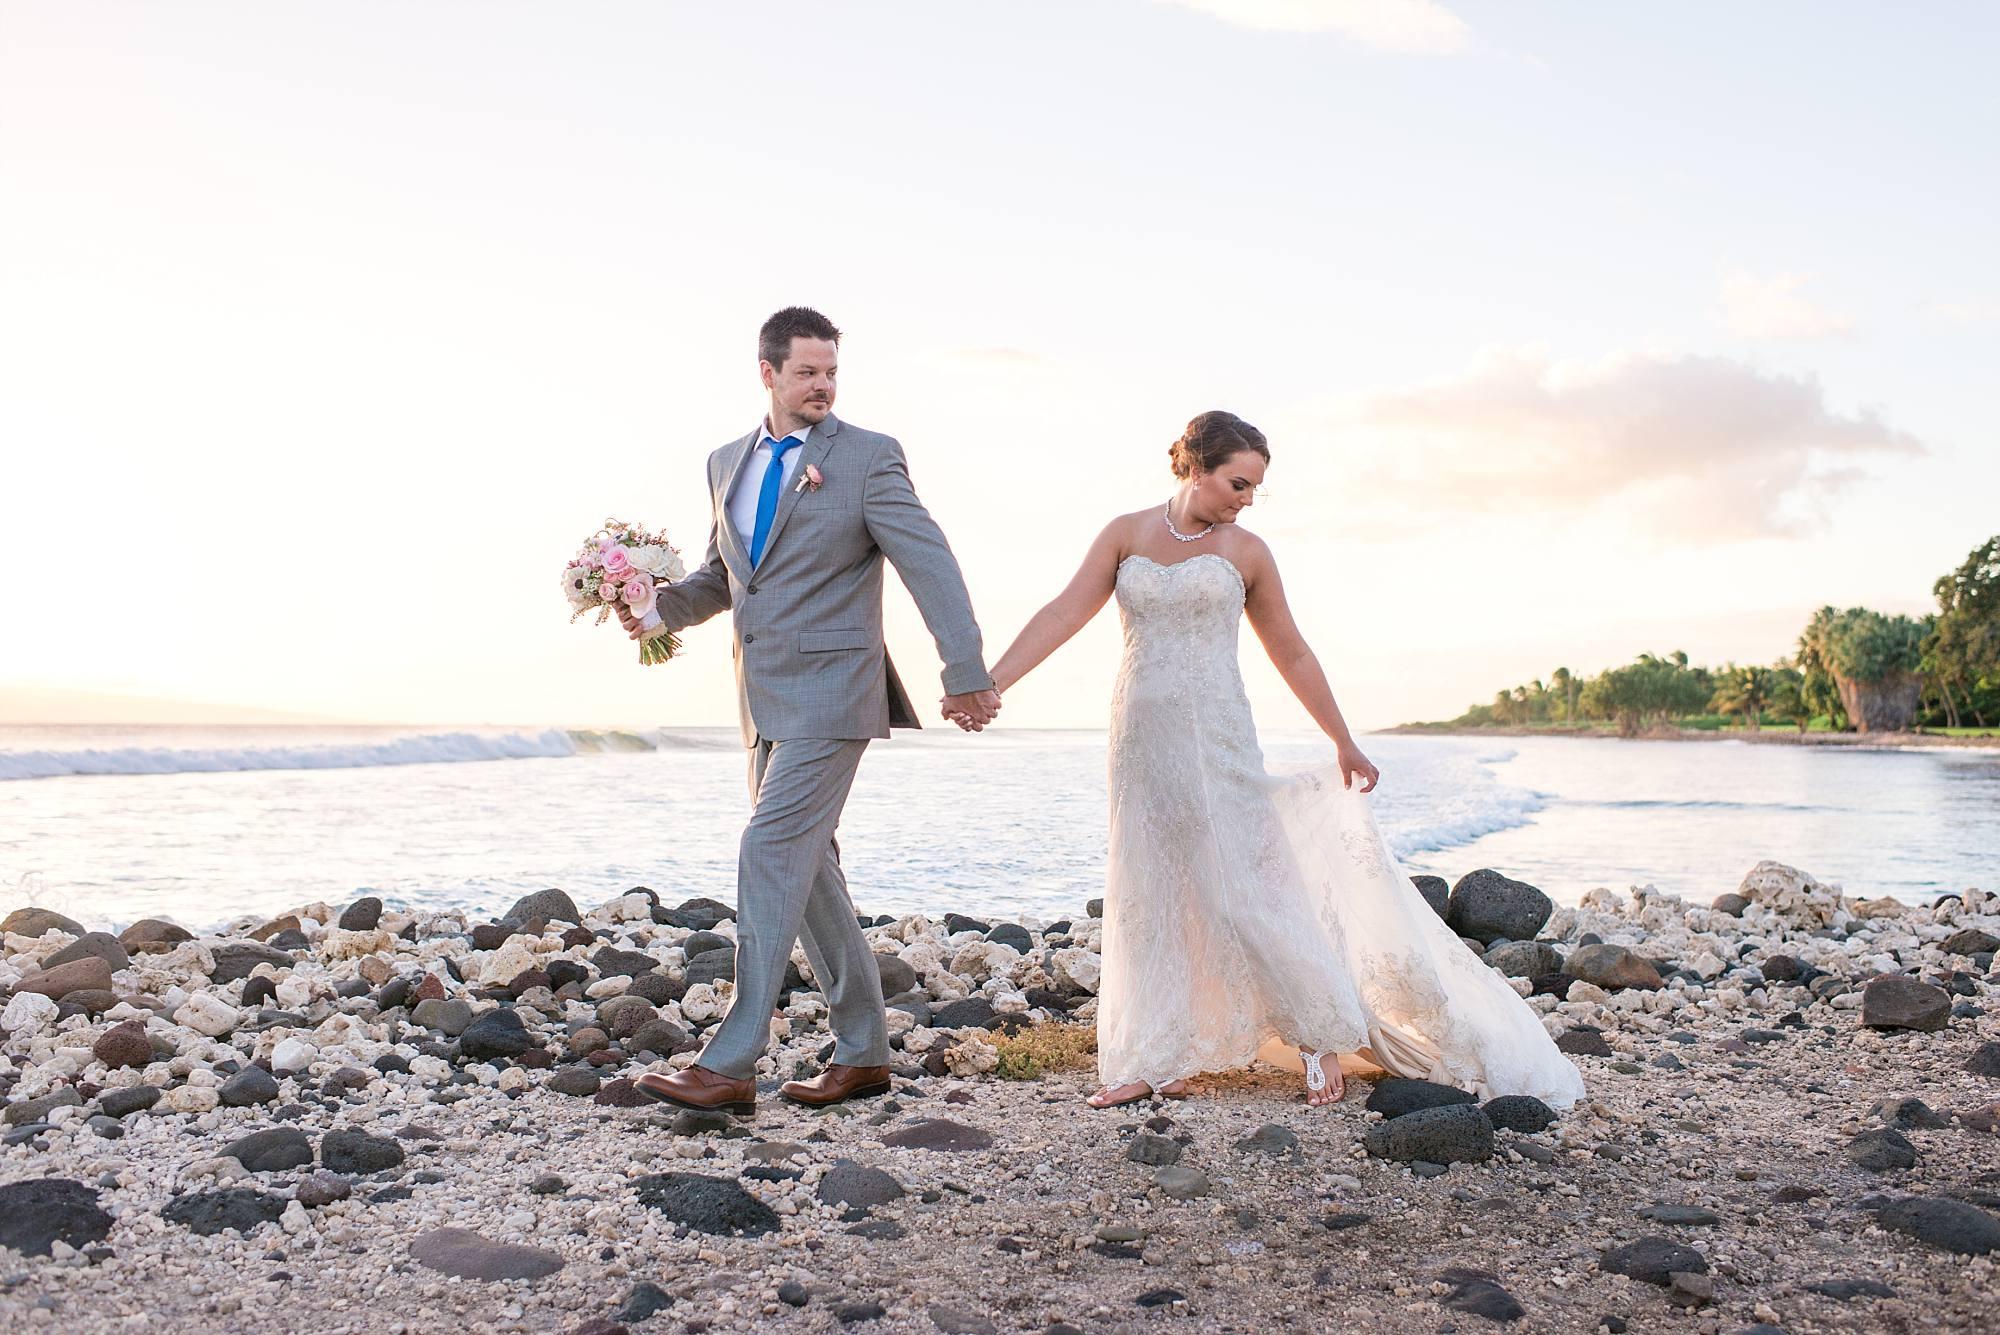 married walking on beach rocks